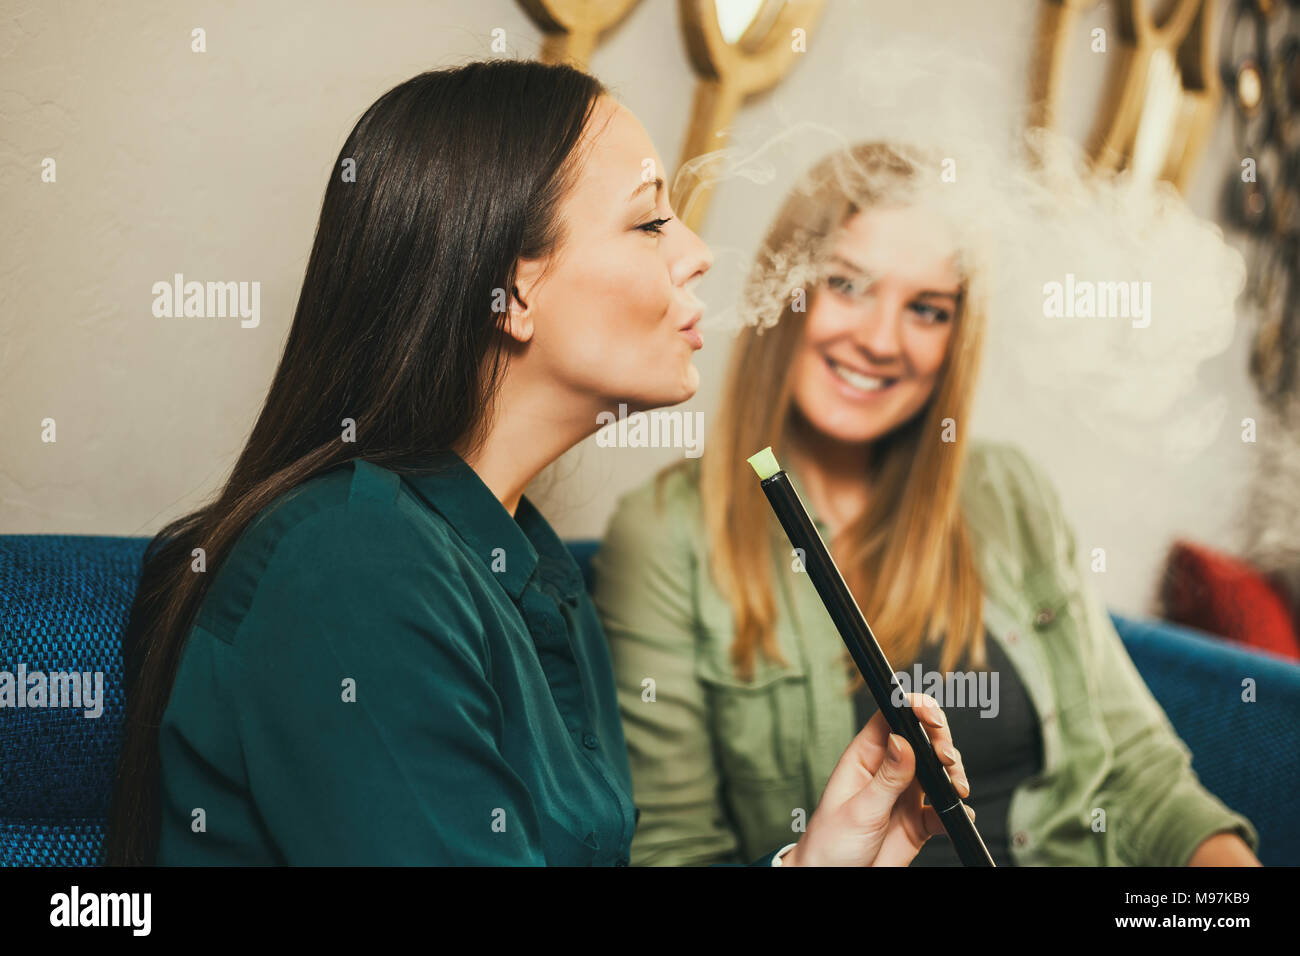 Deux heureux les femmes sont assis dans un bar à chicha et narguilé fumer Banque D'Images